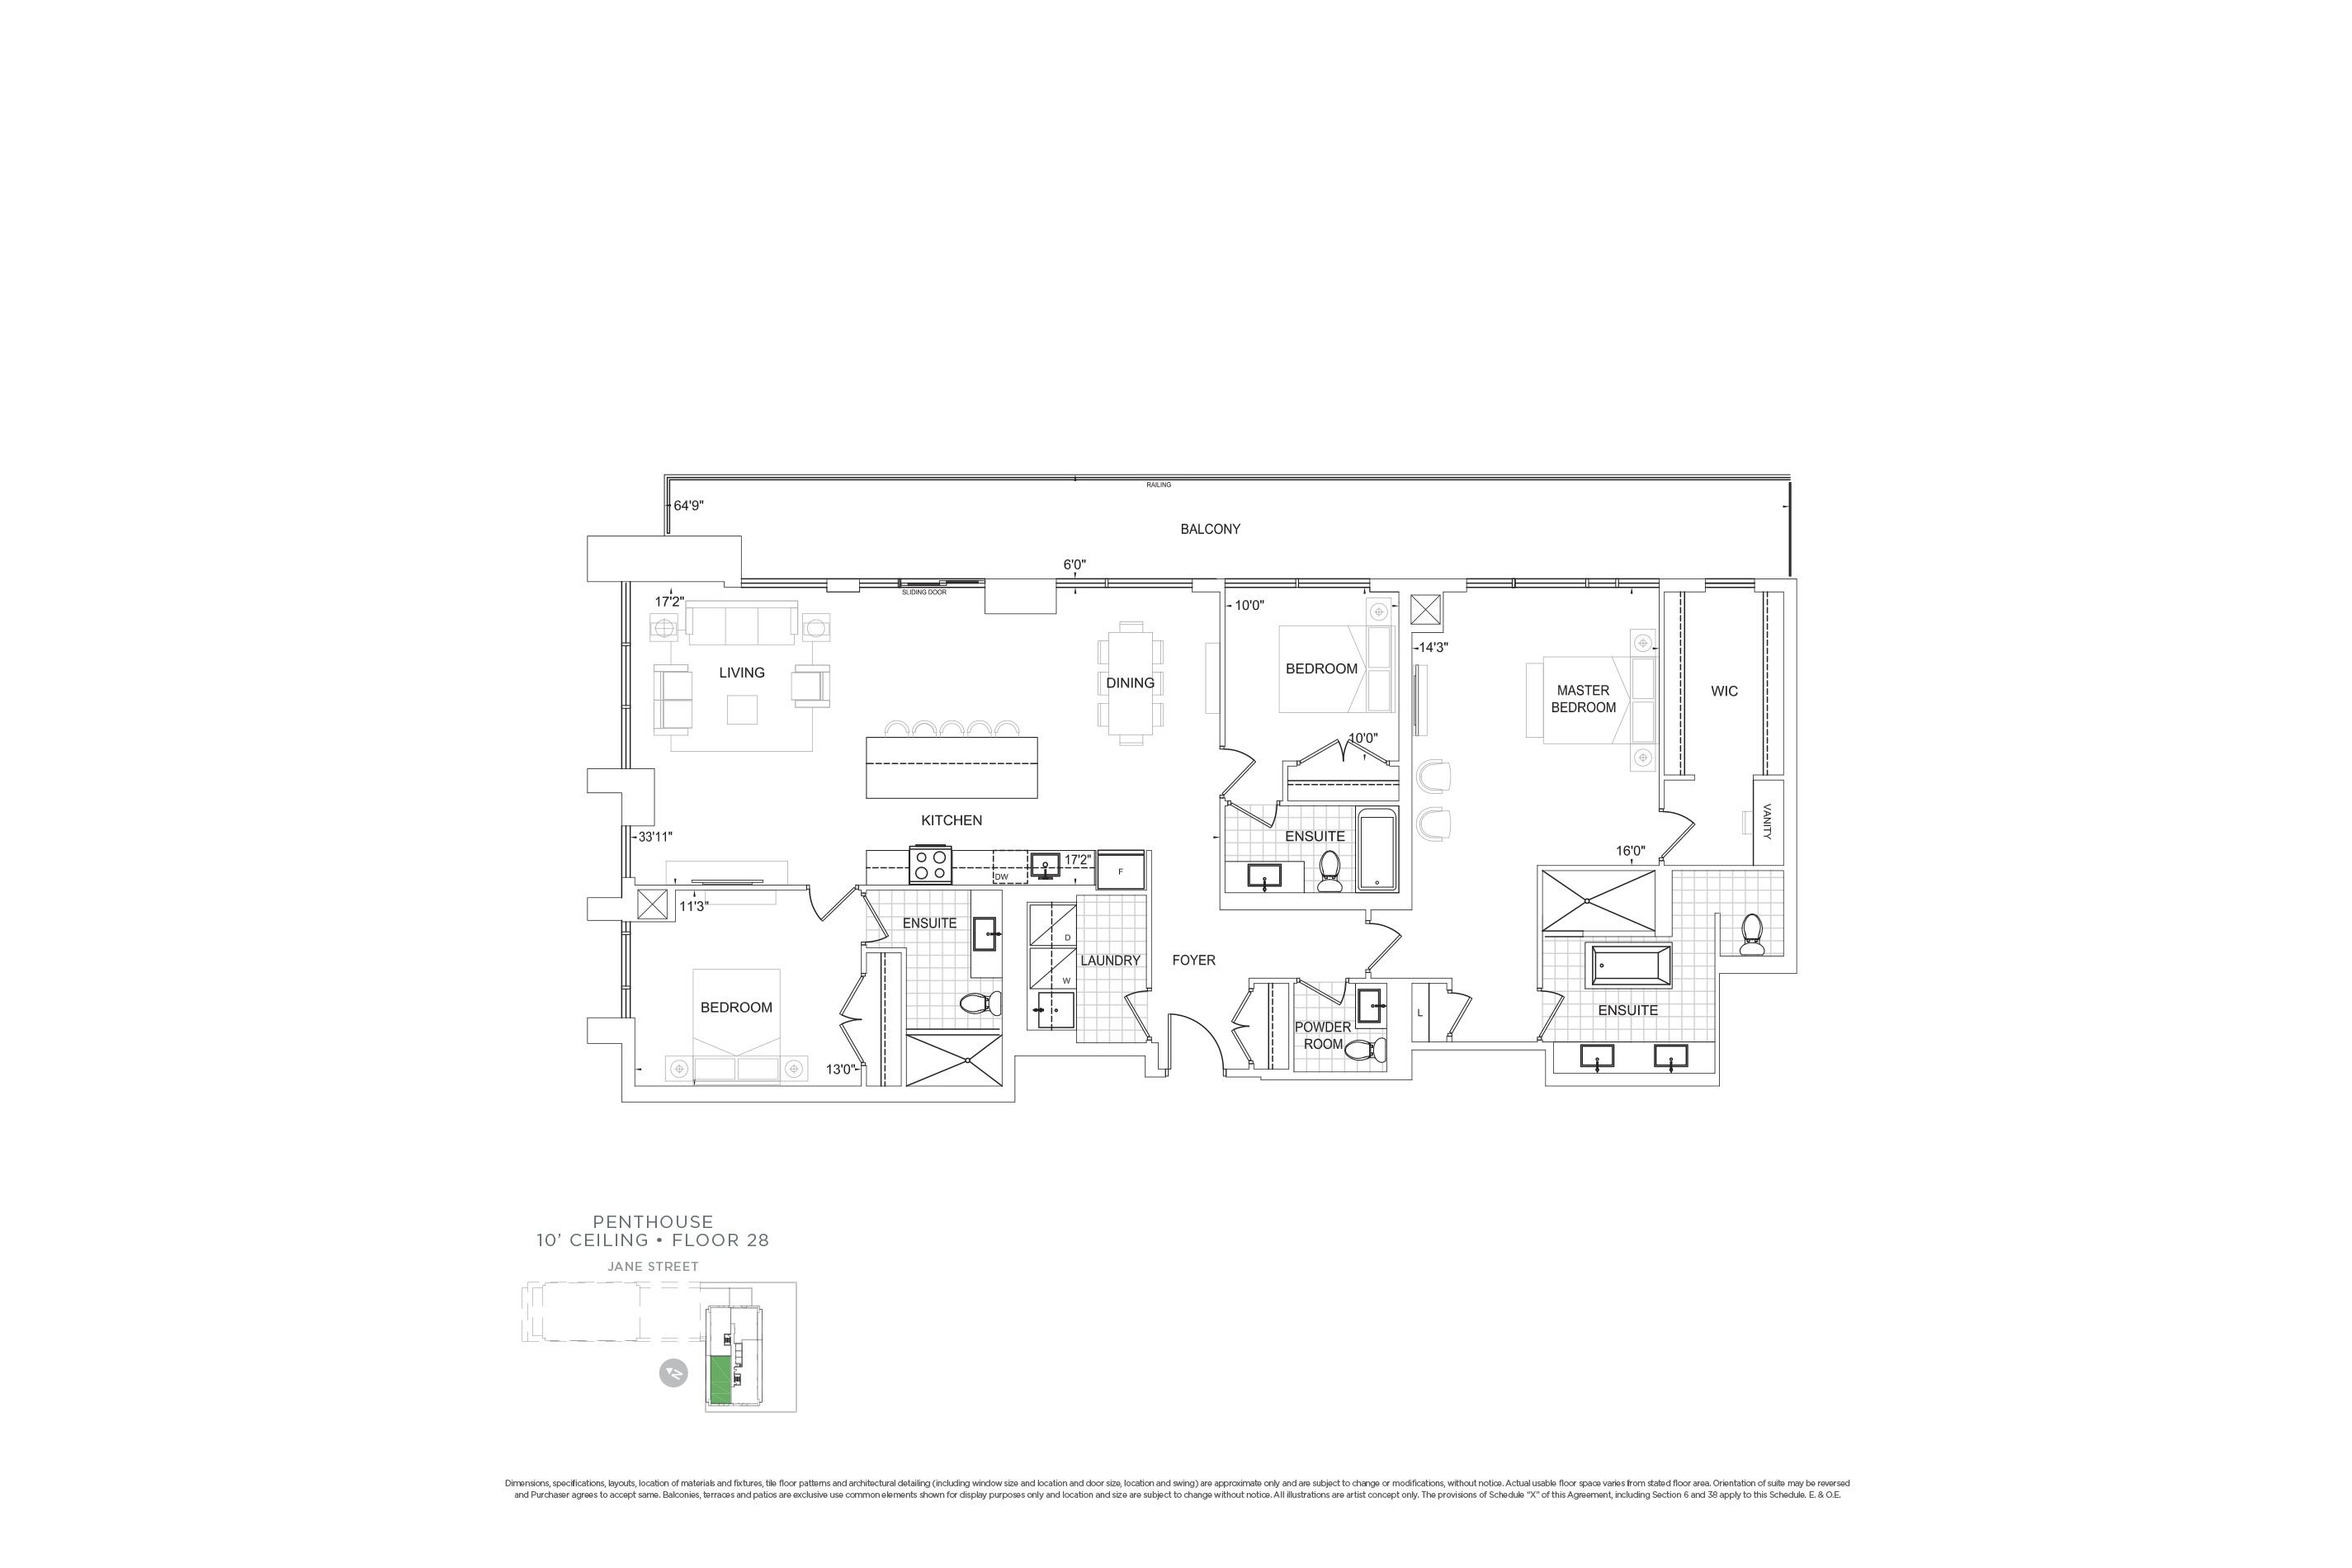 E1948 Penthouse Units